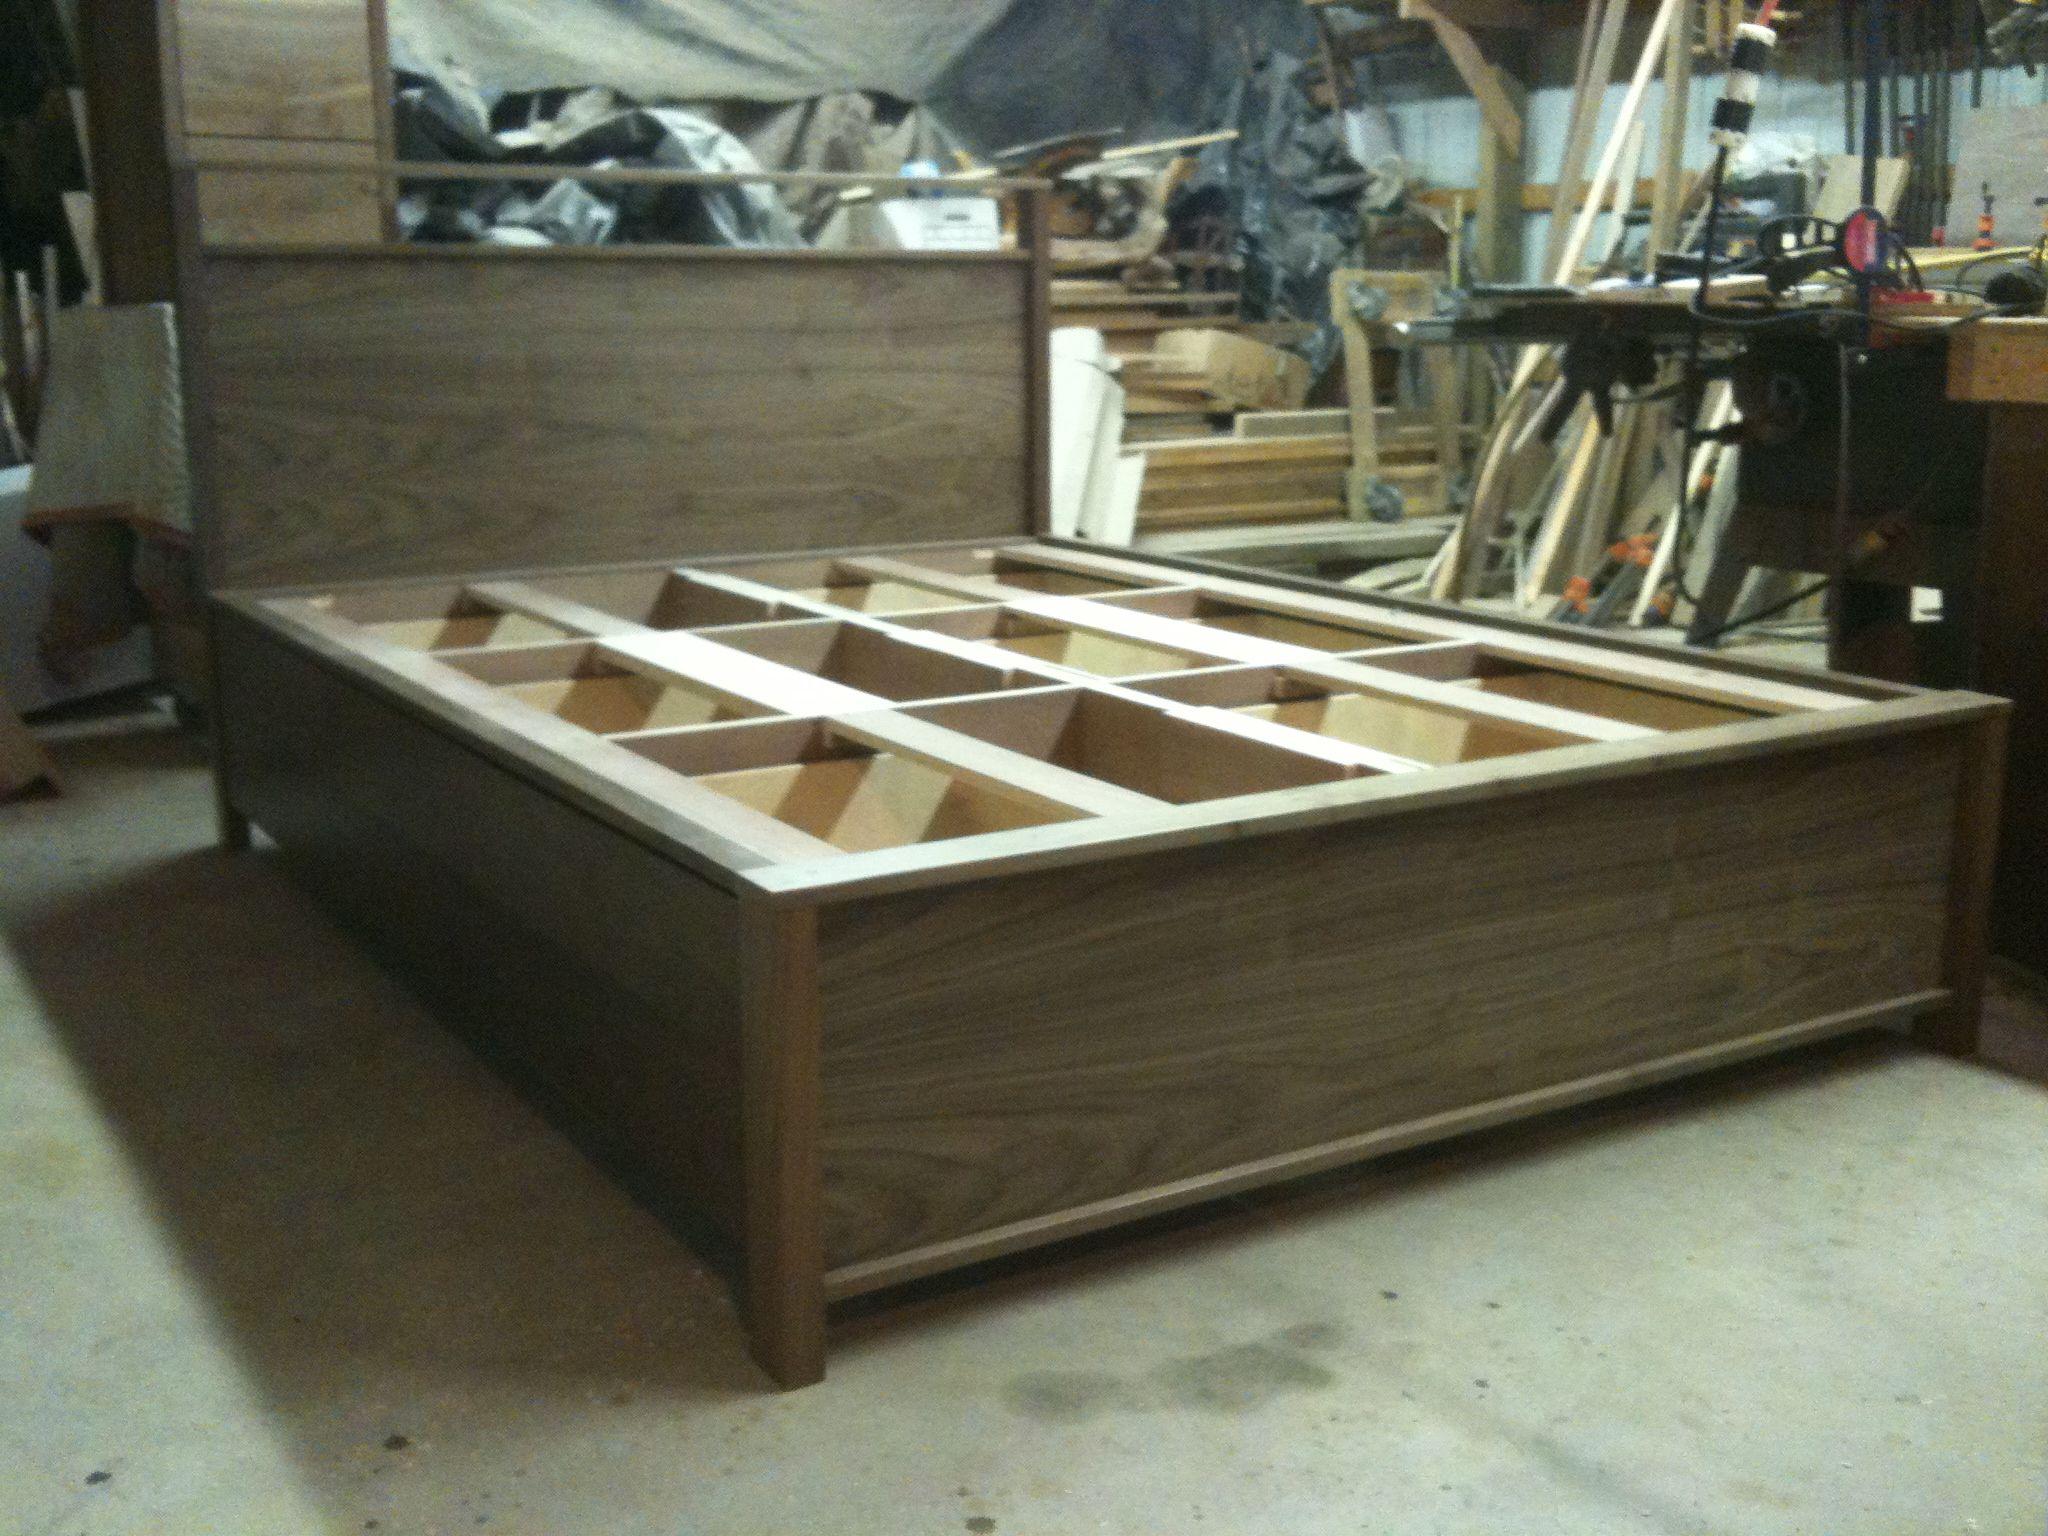 Handmade 6 Drawer Black Walnut Platform Bed By Jeremy Belanger Woodworking Custommade Com